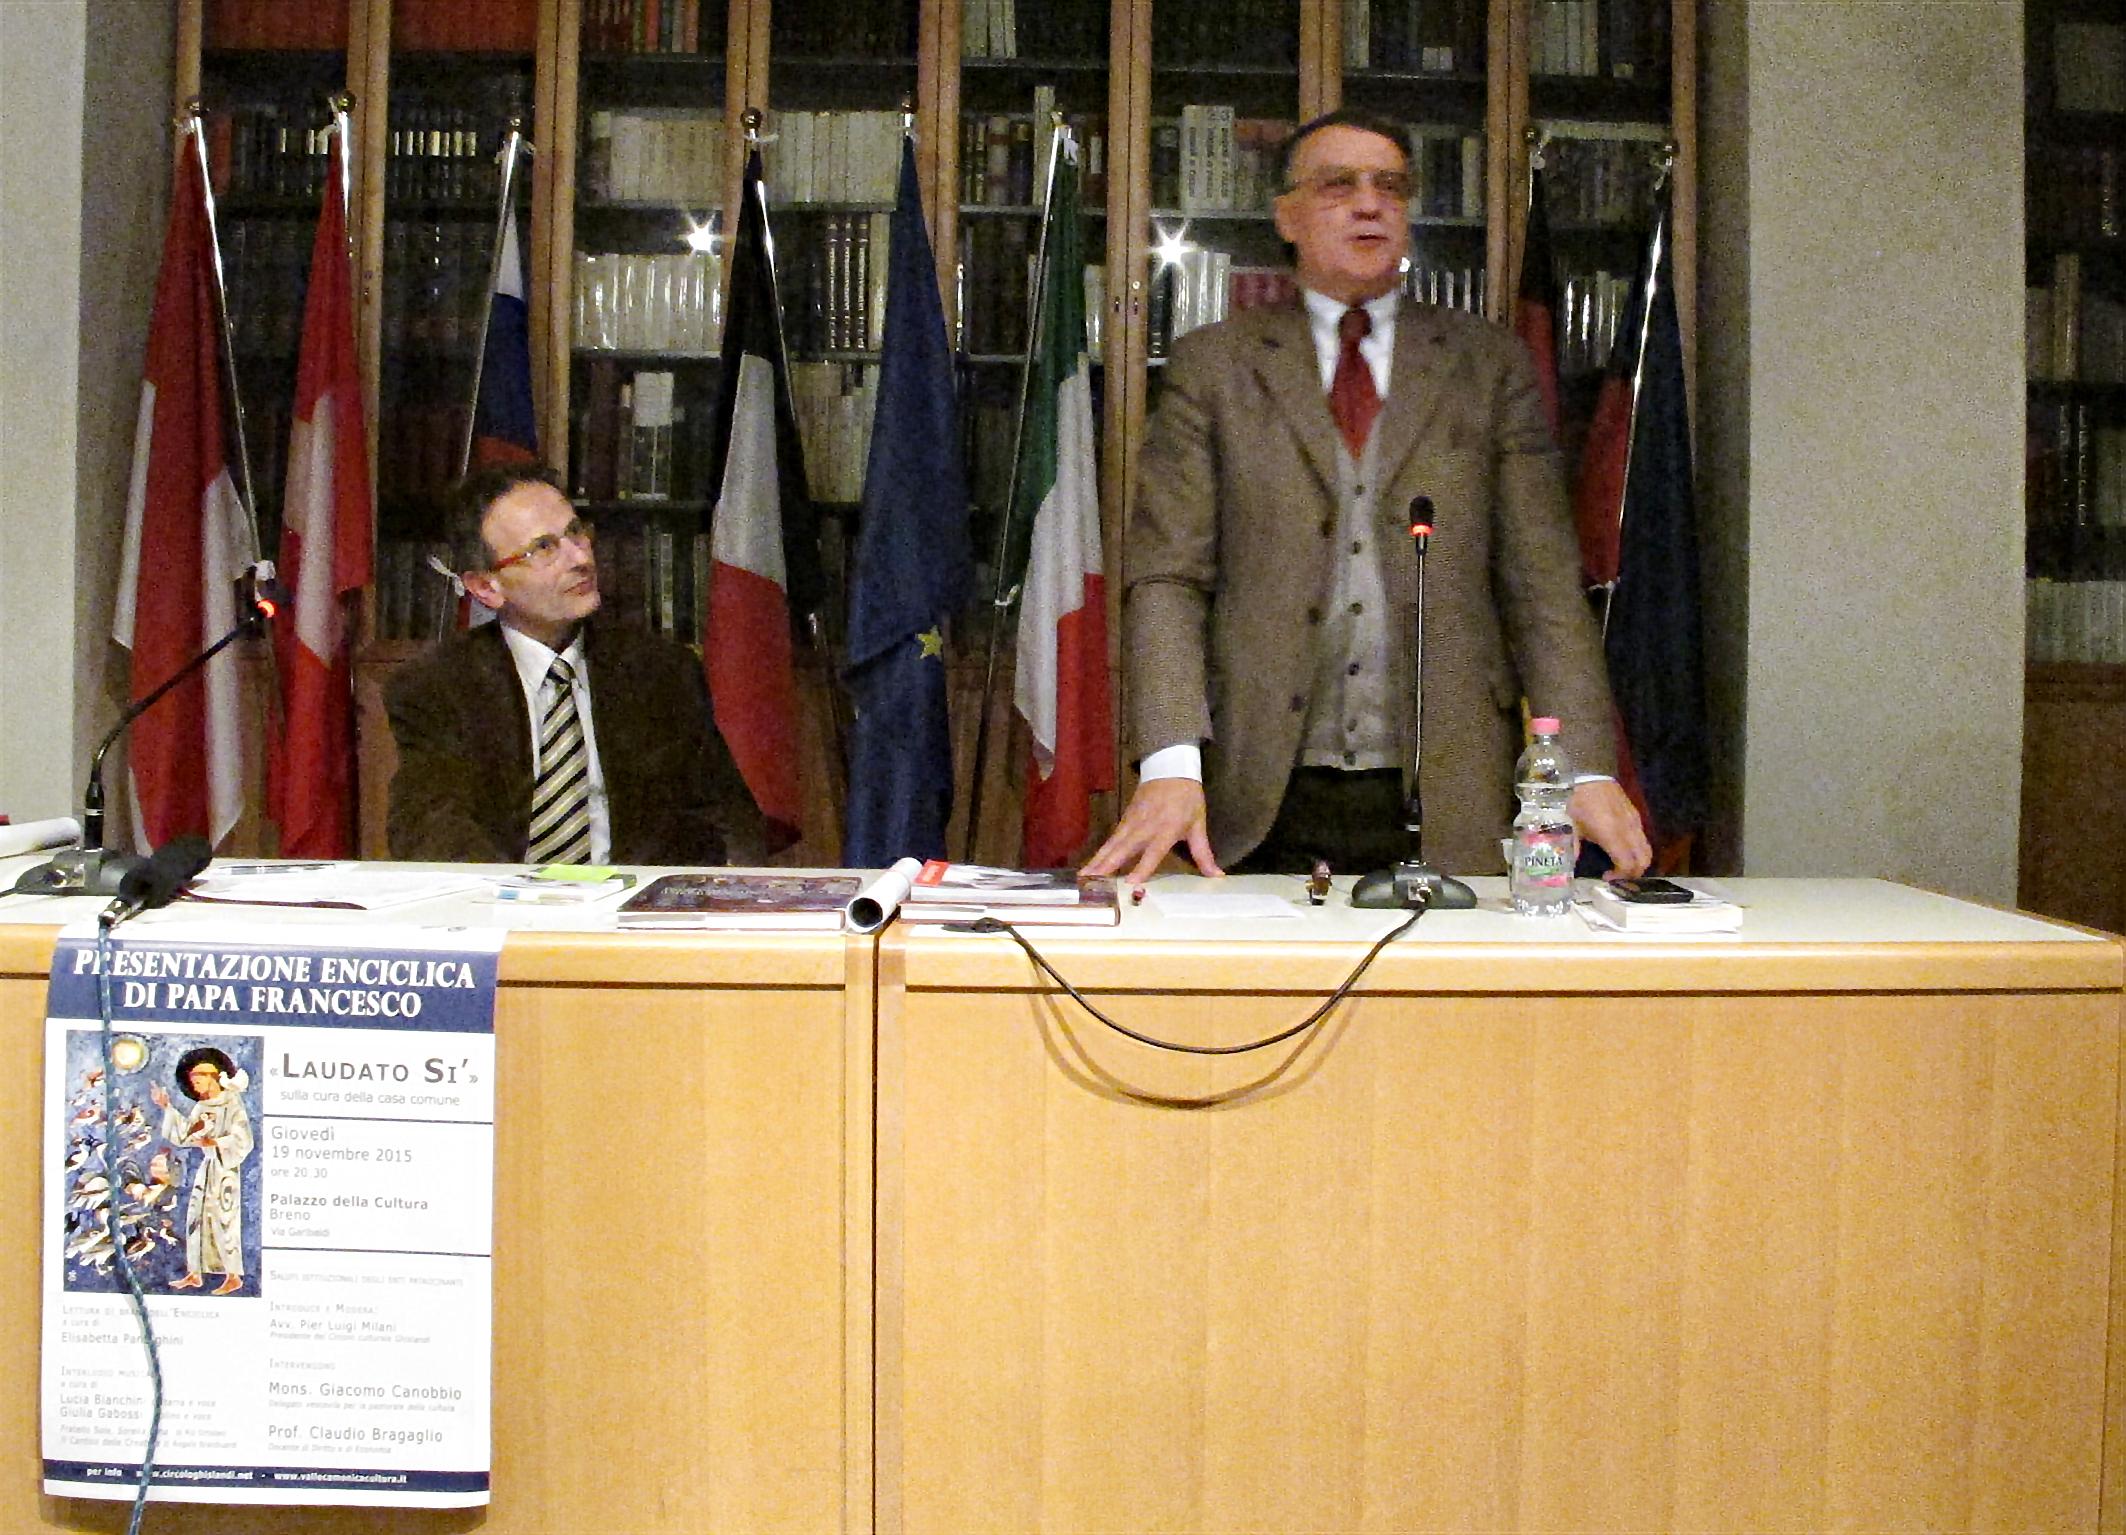 13_conferenza Laudato Sì _Breno 19 novembre 2015